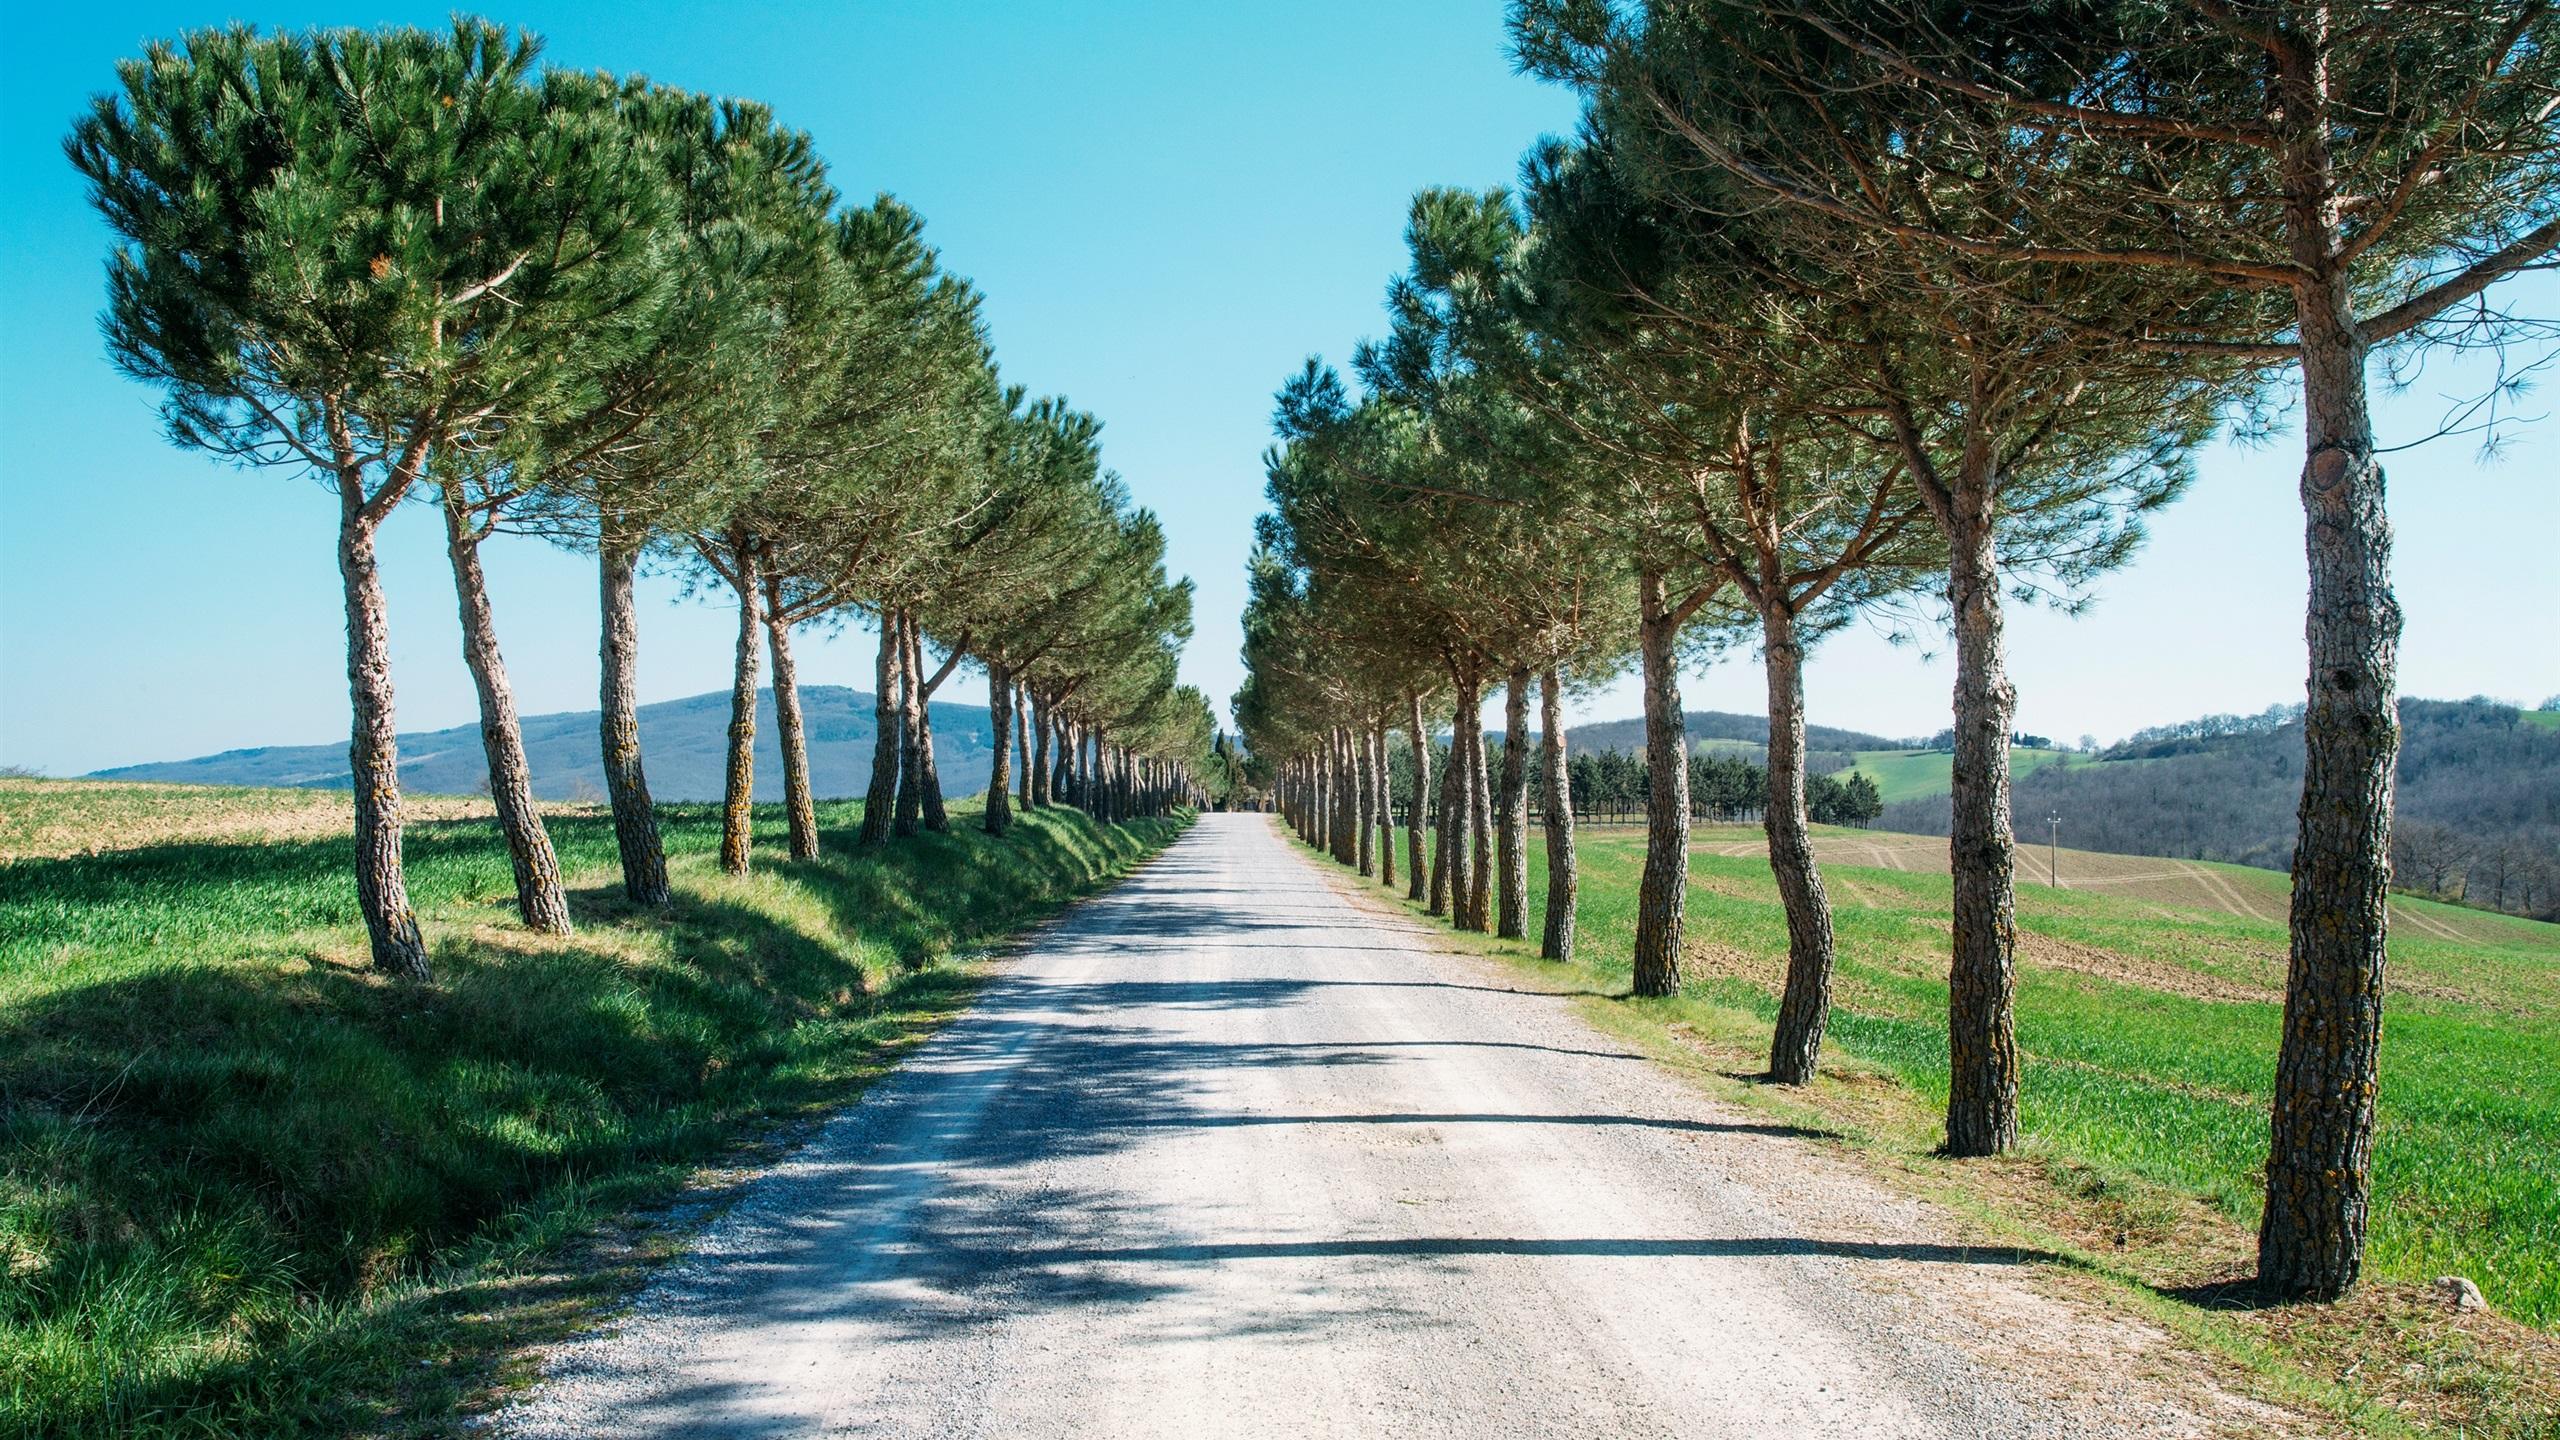 Route arbres conif res fonds d 39 cran 2560x1440 qhd for Fond ecran qhd